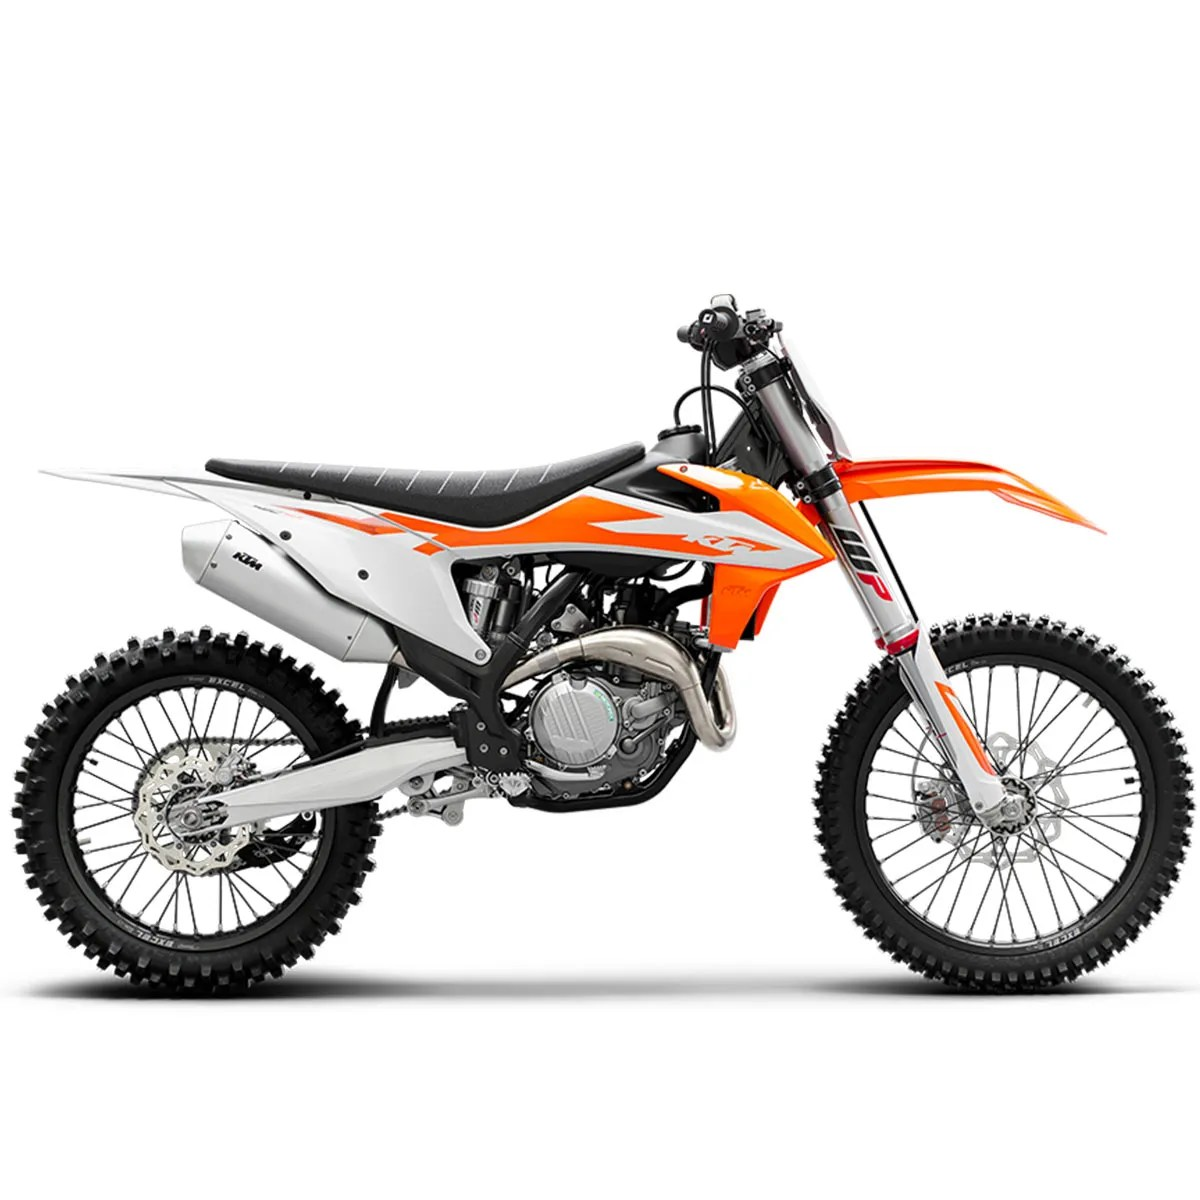 Moto-cross-450-SX-F-KTM